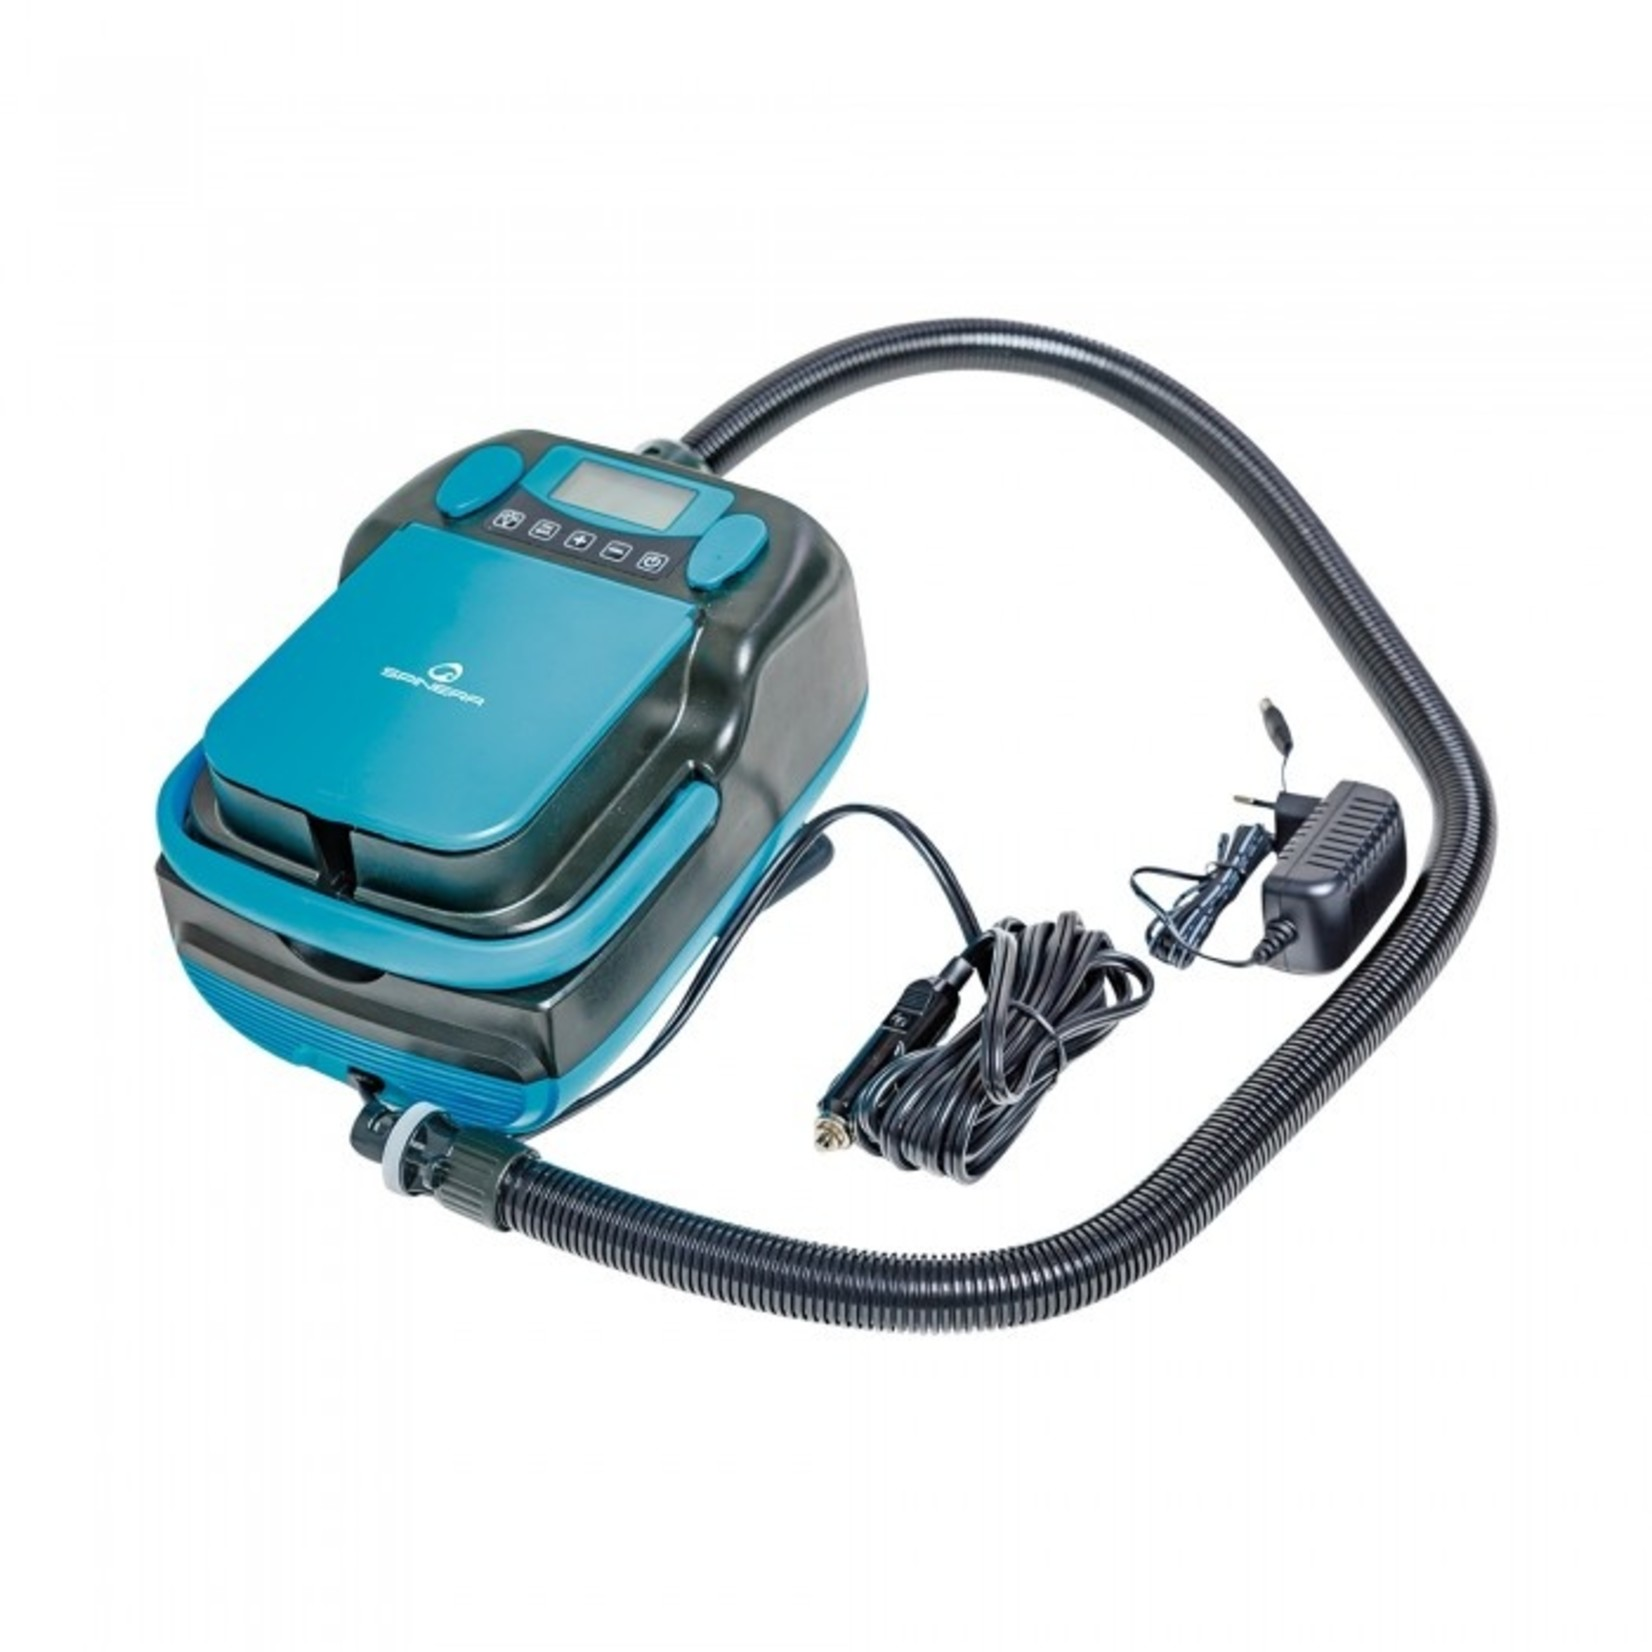 Spinera High Pressure Pomp 2 - 12V